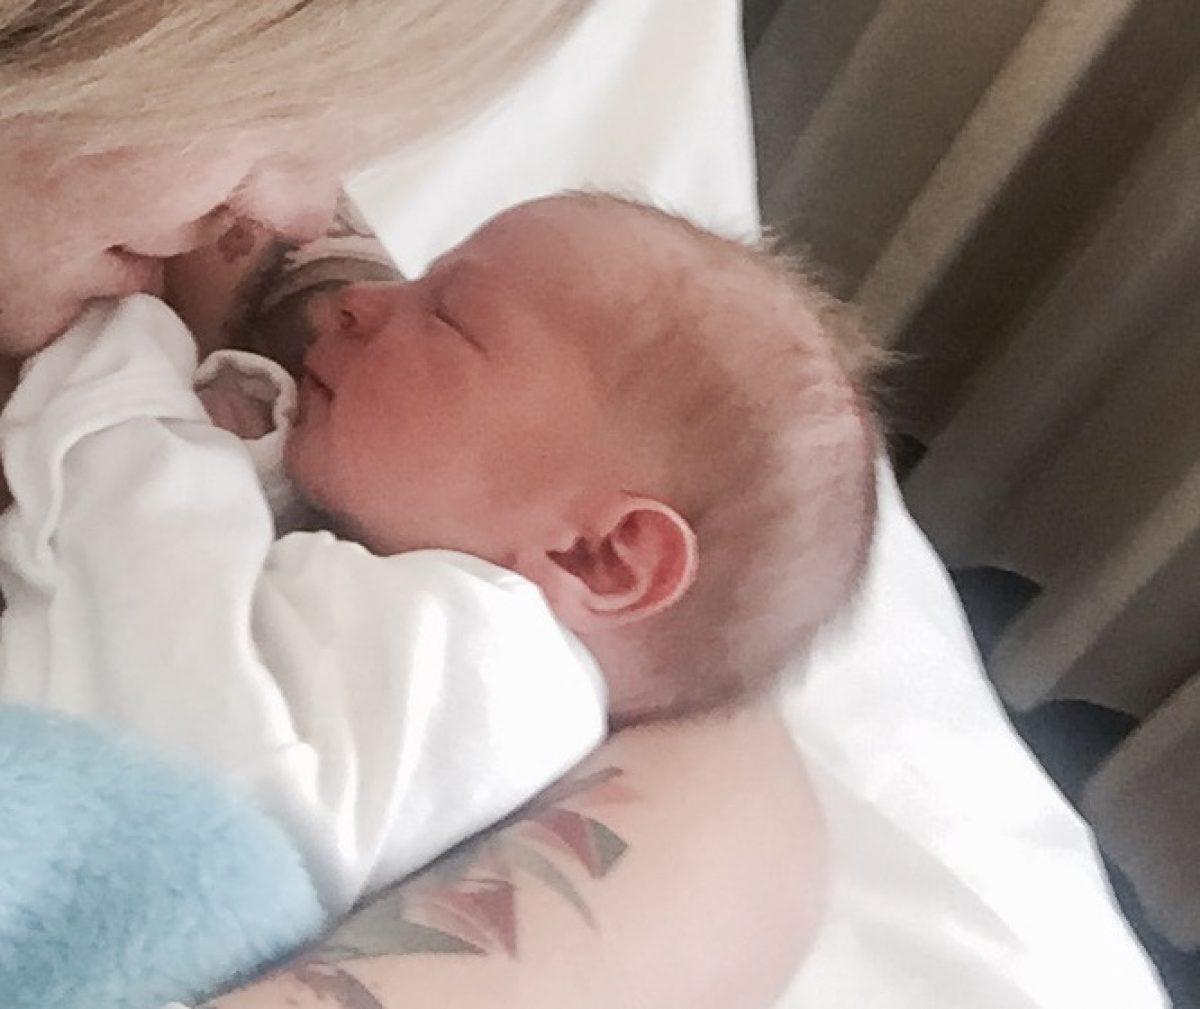 Γεννήθηκε το μωρό μου! Ο Άγγελός μου!